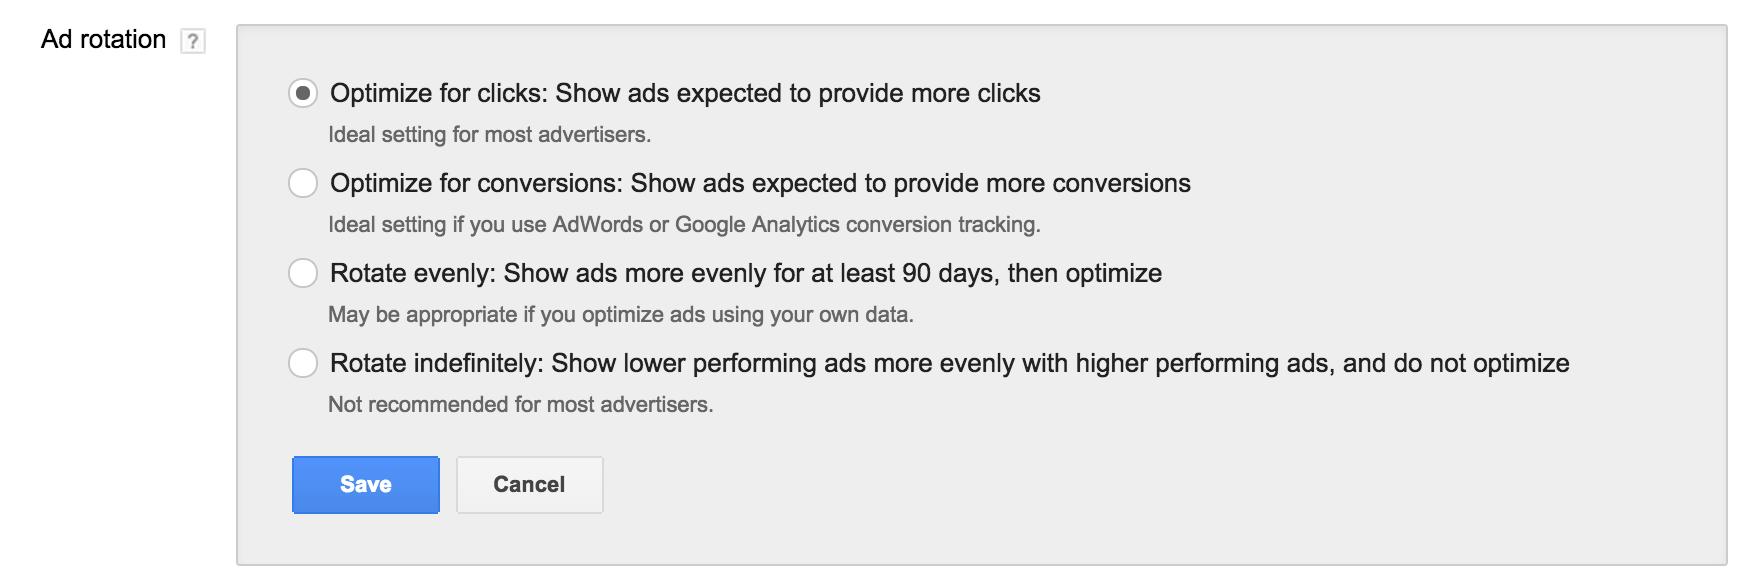 Ads focused on Clicks